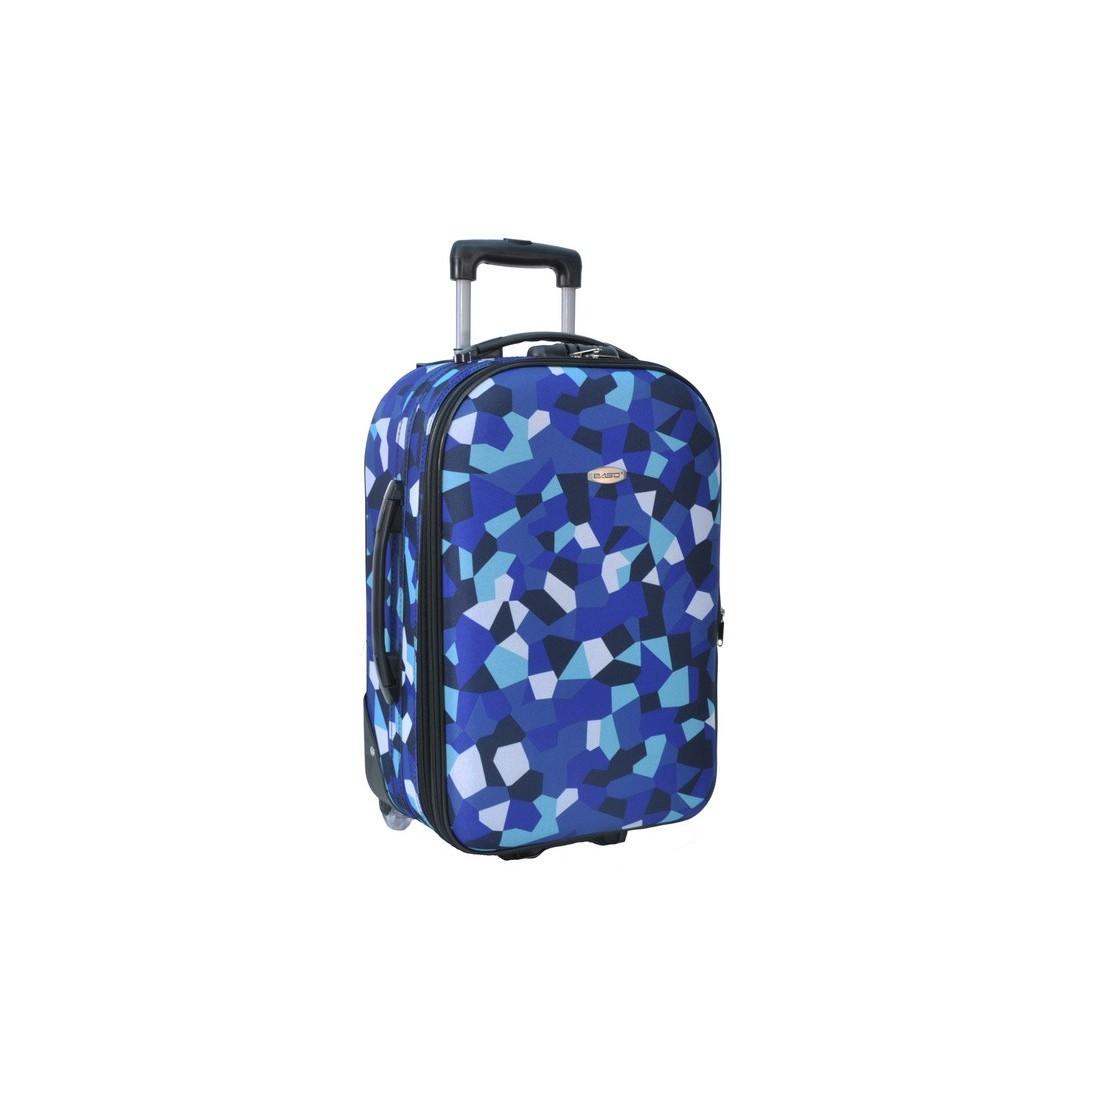 Walizka mała niebieska w figury - plecak-tornister.pl